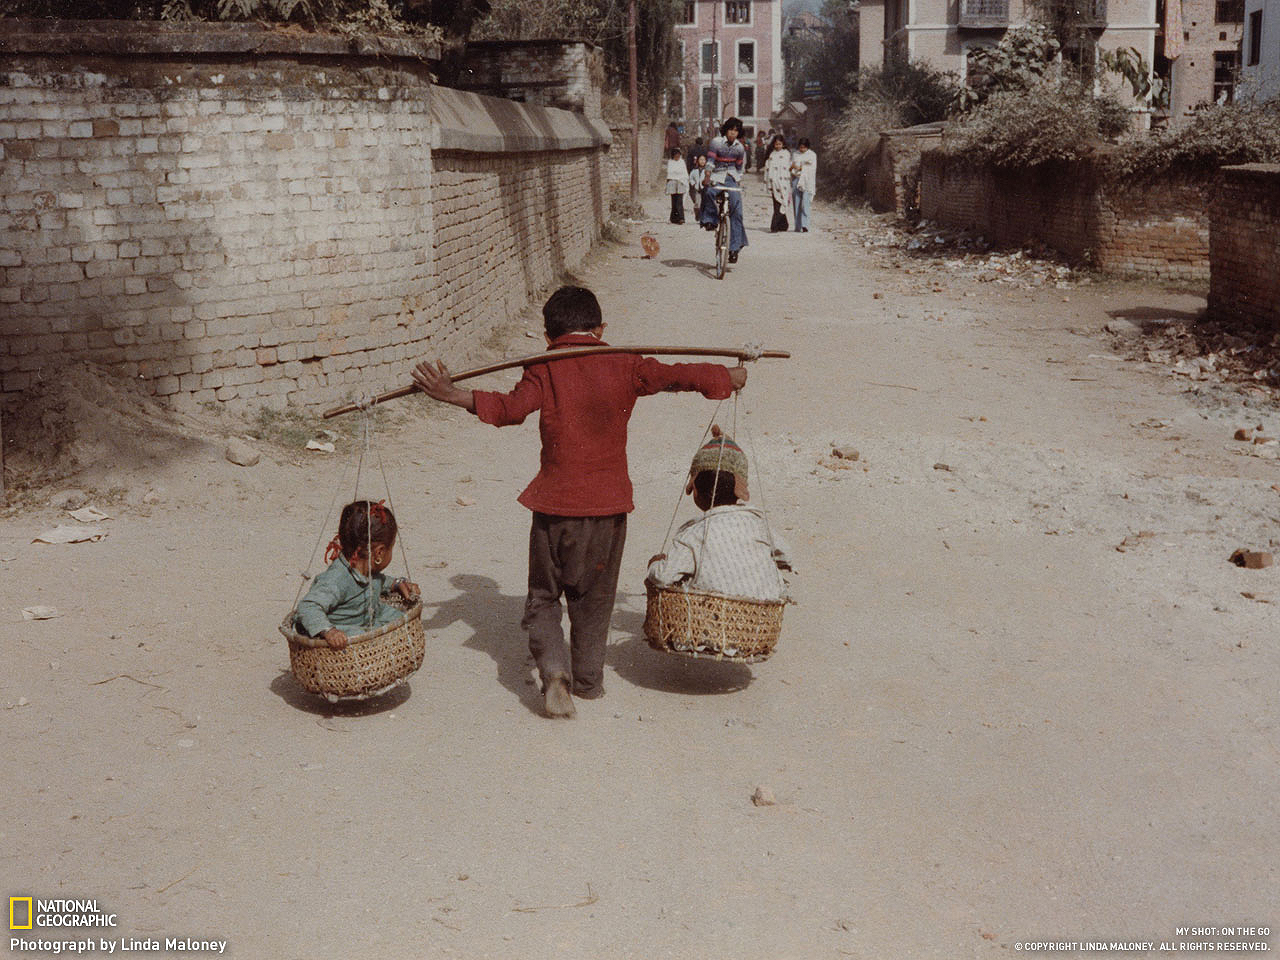 RT @iBytesblog: Este niño de Nepal es ciertamente ingenioso y será muy fuerte algún día, si sigue así... http://t.co/PbEk6XxQ